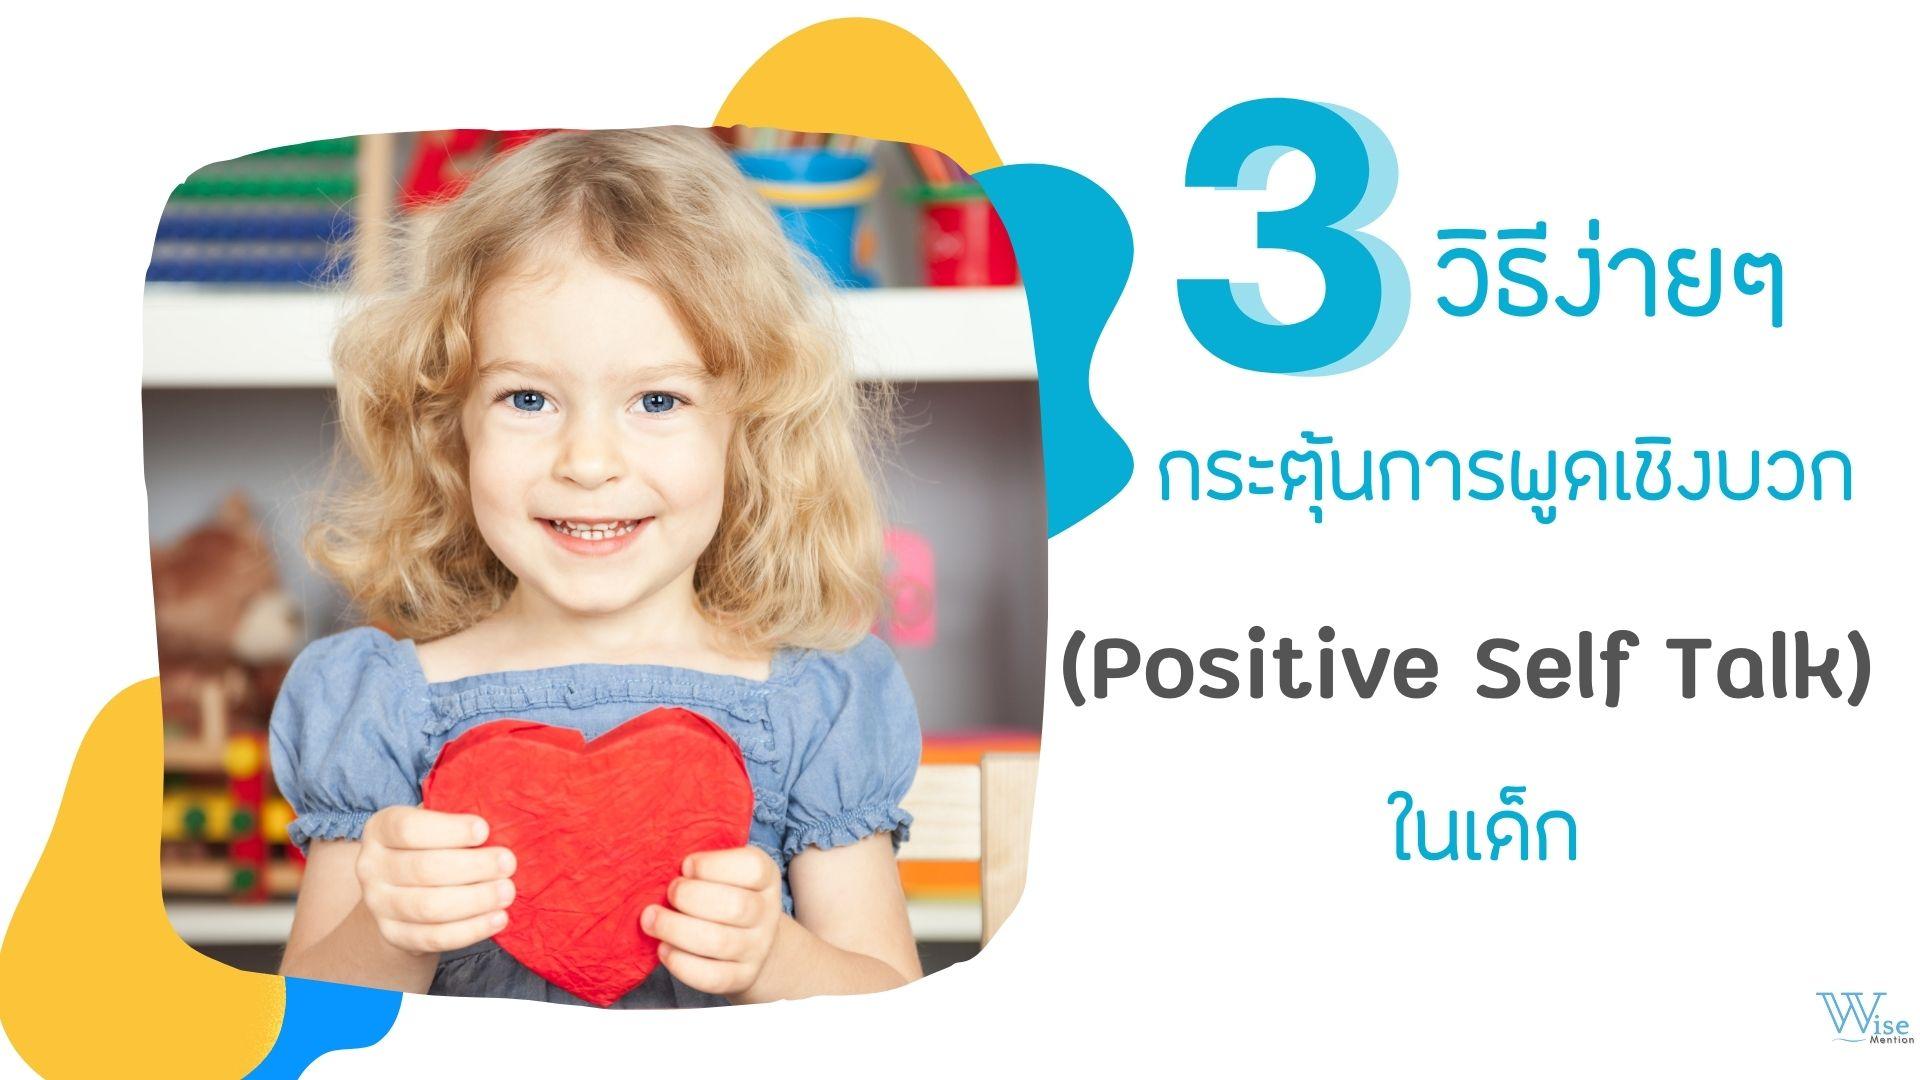 3 วิธีง่าย ๆ การกระตุ้น positive self talk สำหรับเด็ก